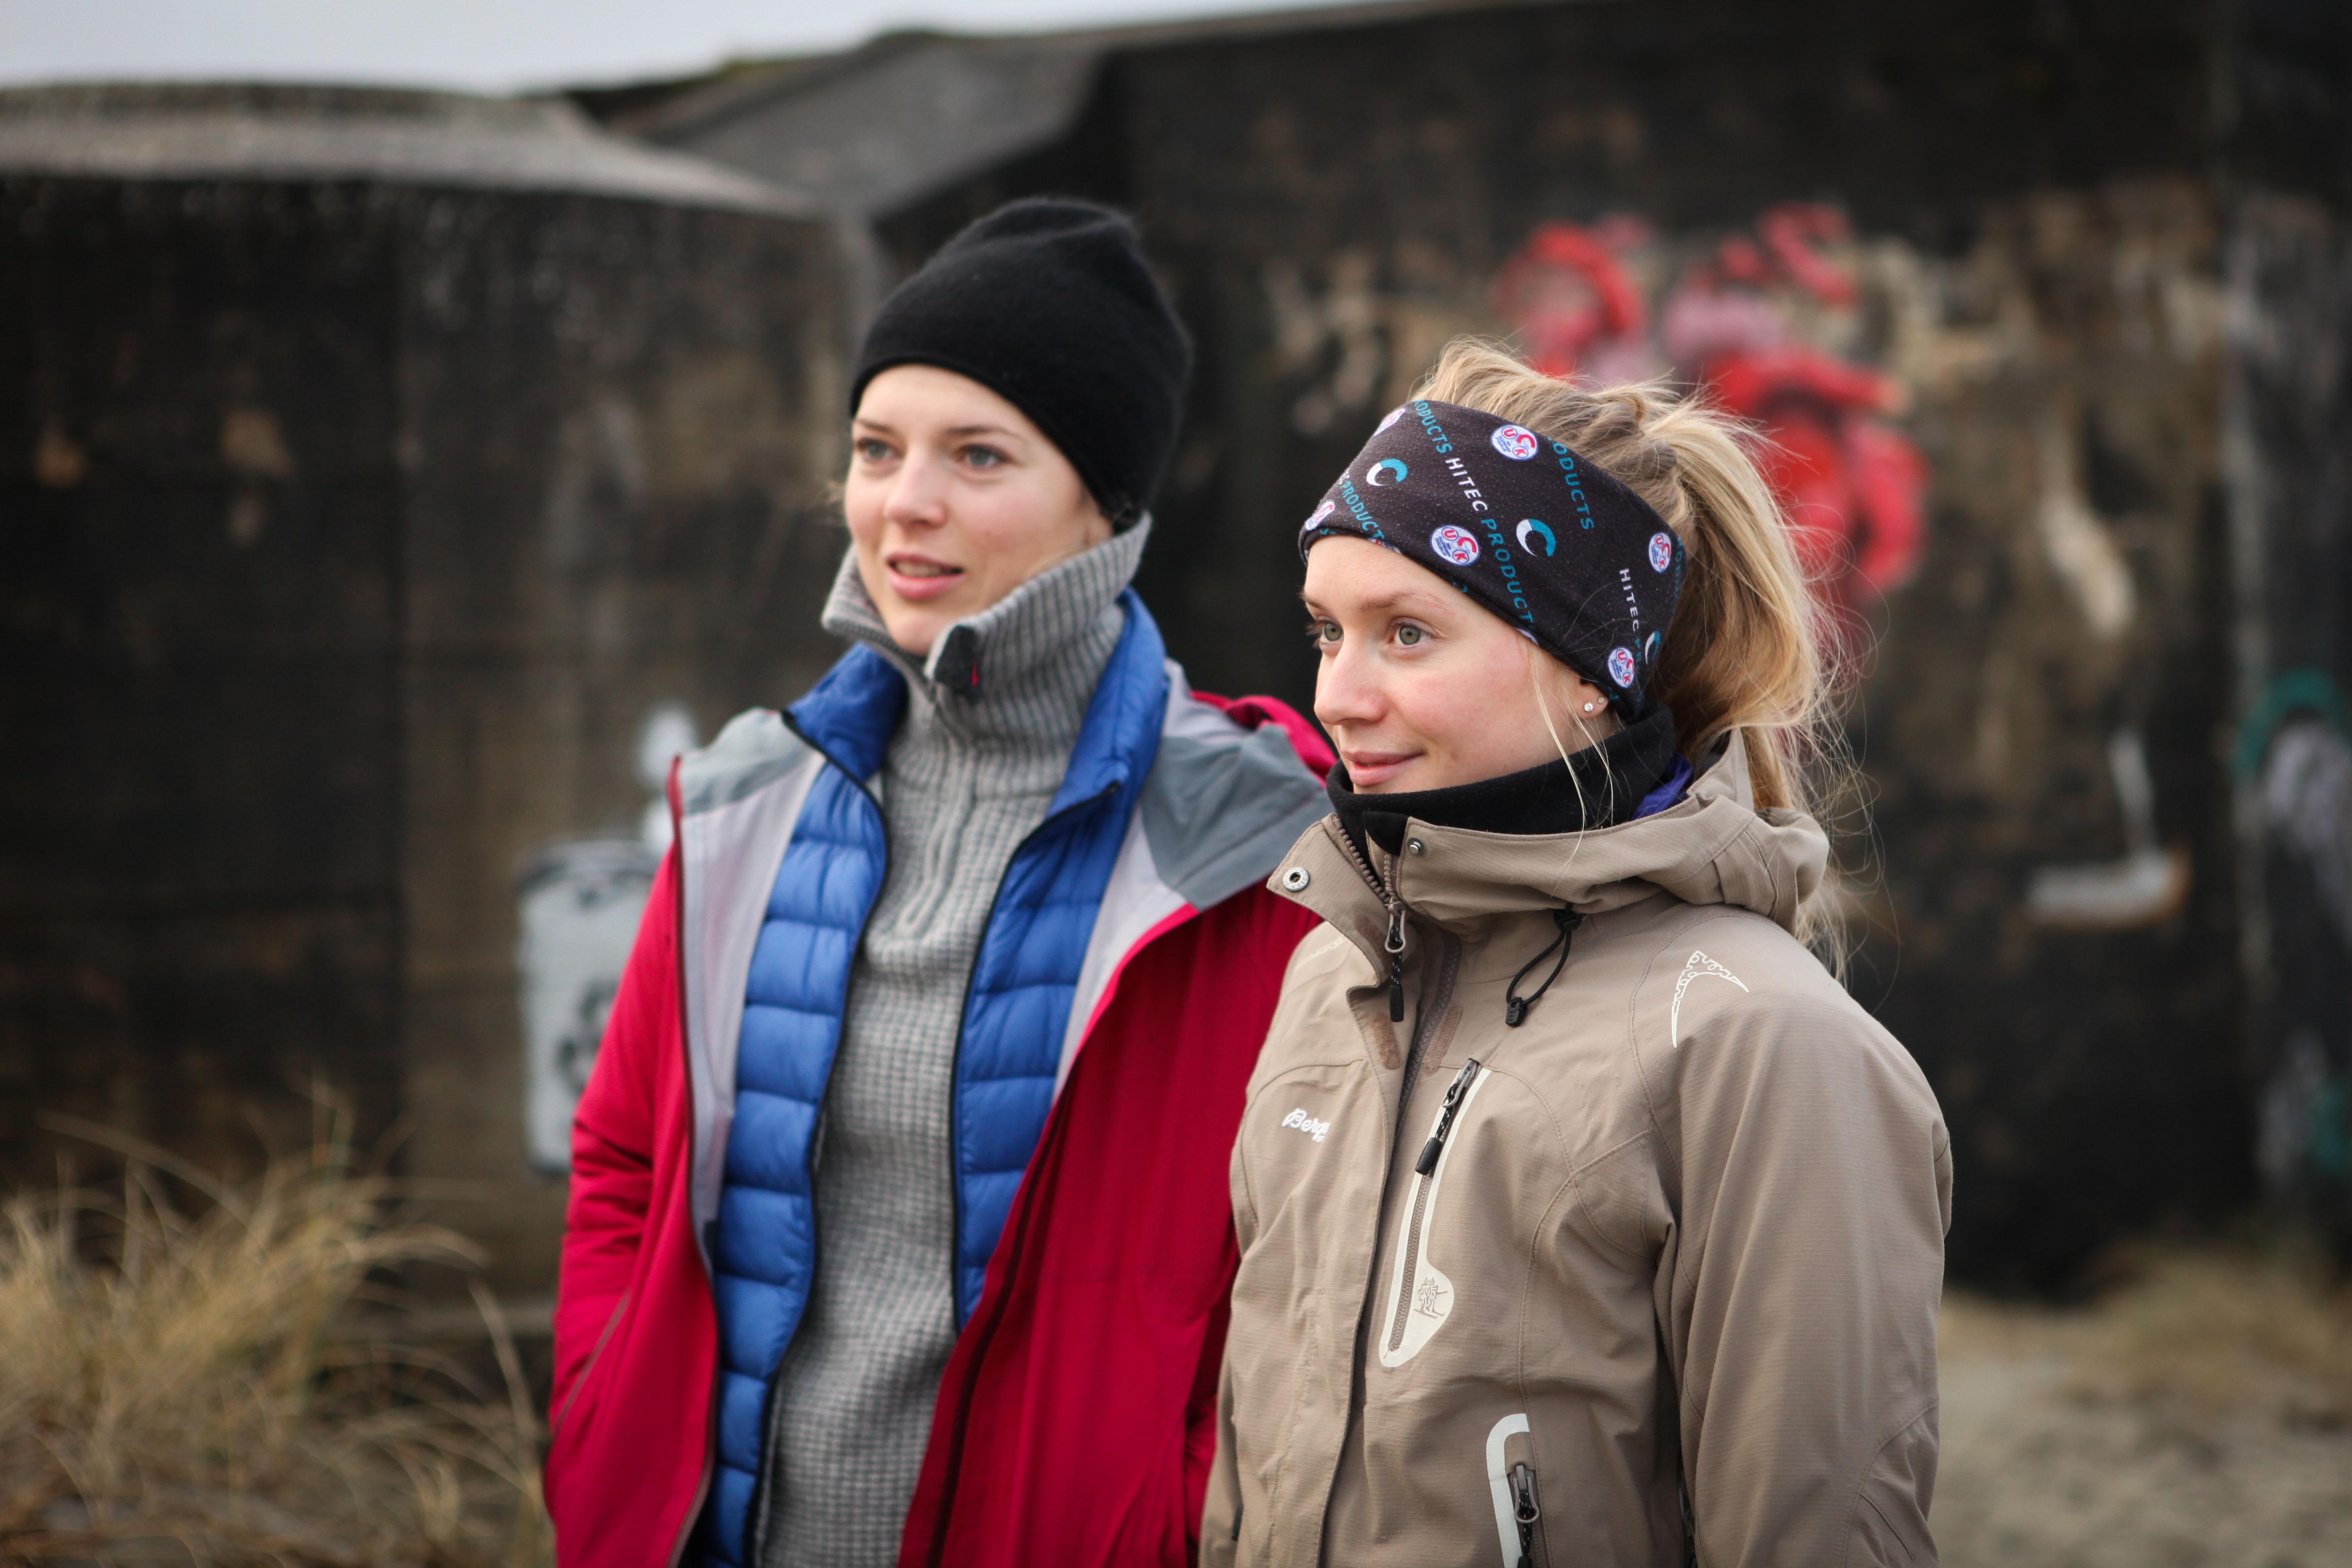 Stayer: Thea Thorsen er inne i sin sjette sesong i Team Hitec Products. På den tiden har hun rukket å følge kvinnesyklingens evolusjon. Her sammen med en annen Hitec-veteran, Miriam Bjørnsrud. Foto: Sykkelmagasinet